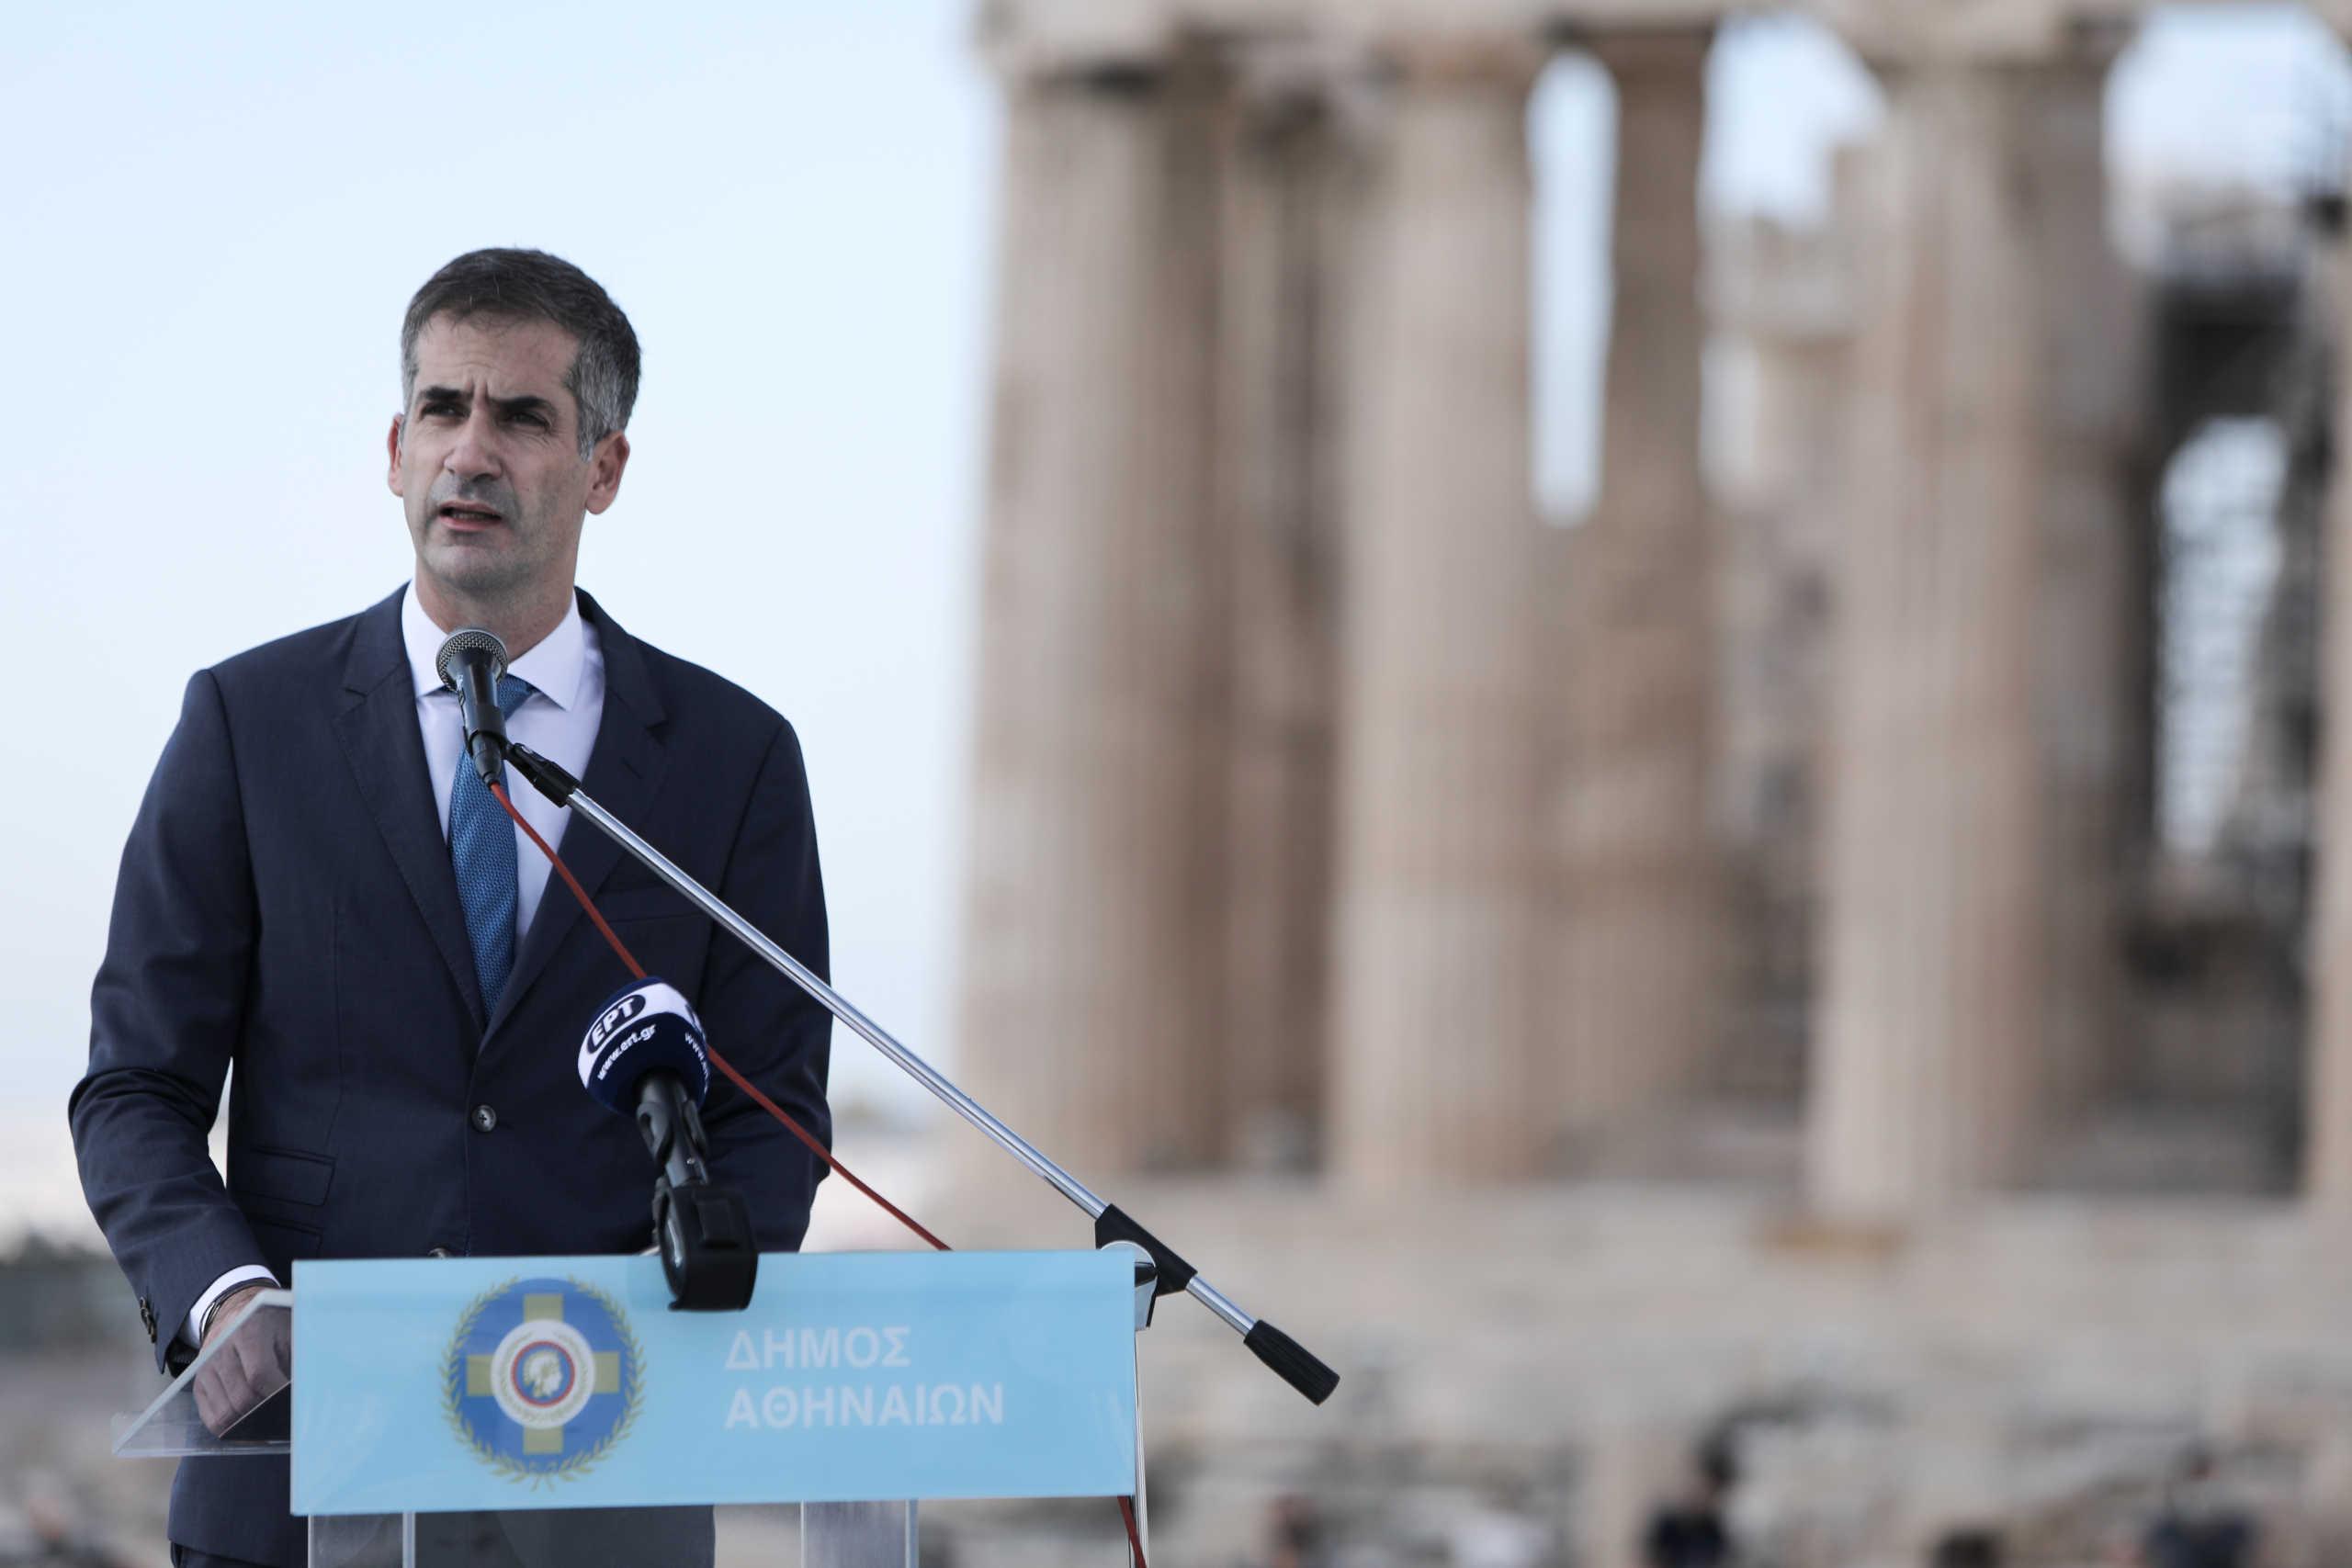 Μπακογιάννης: Η ιστορία έδειξε ότι ο φασισμός δεν πέθανε με την απελευθέρωση της Αθήνας